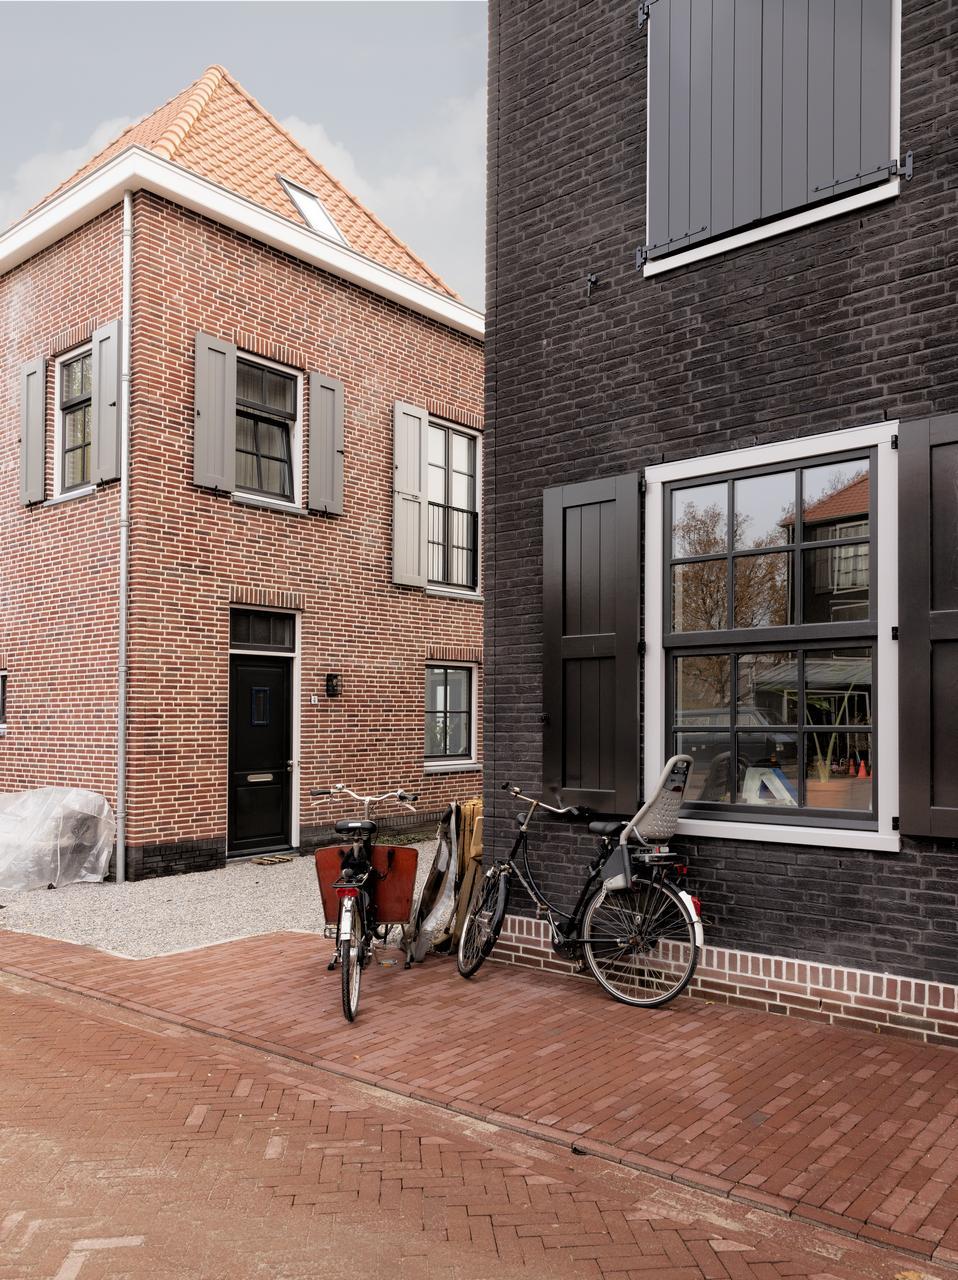 Foto fietsen bij hoekhuis